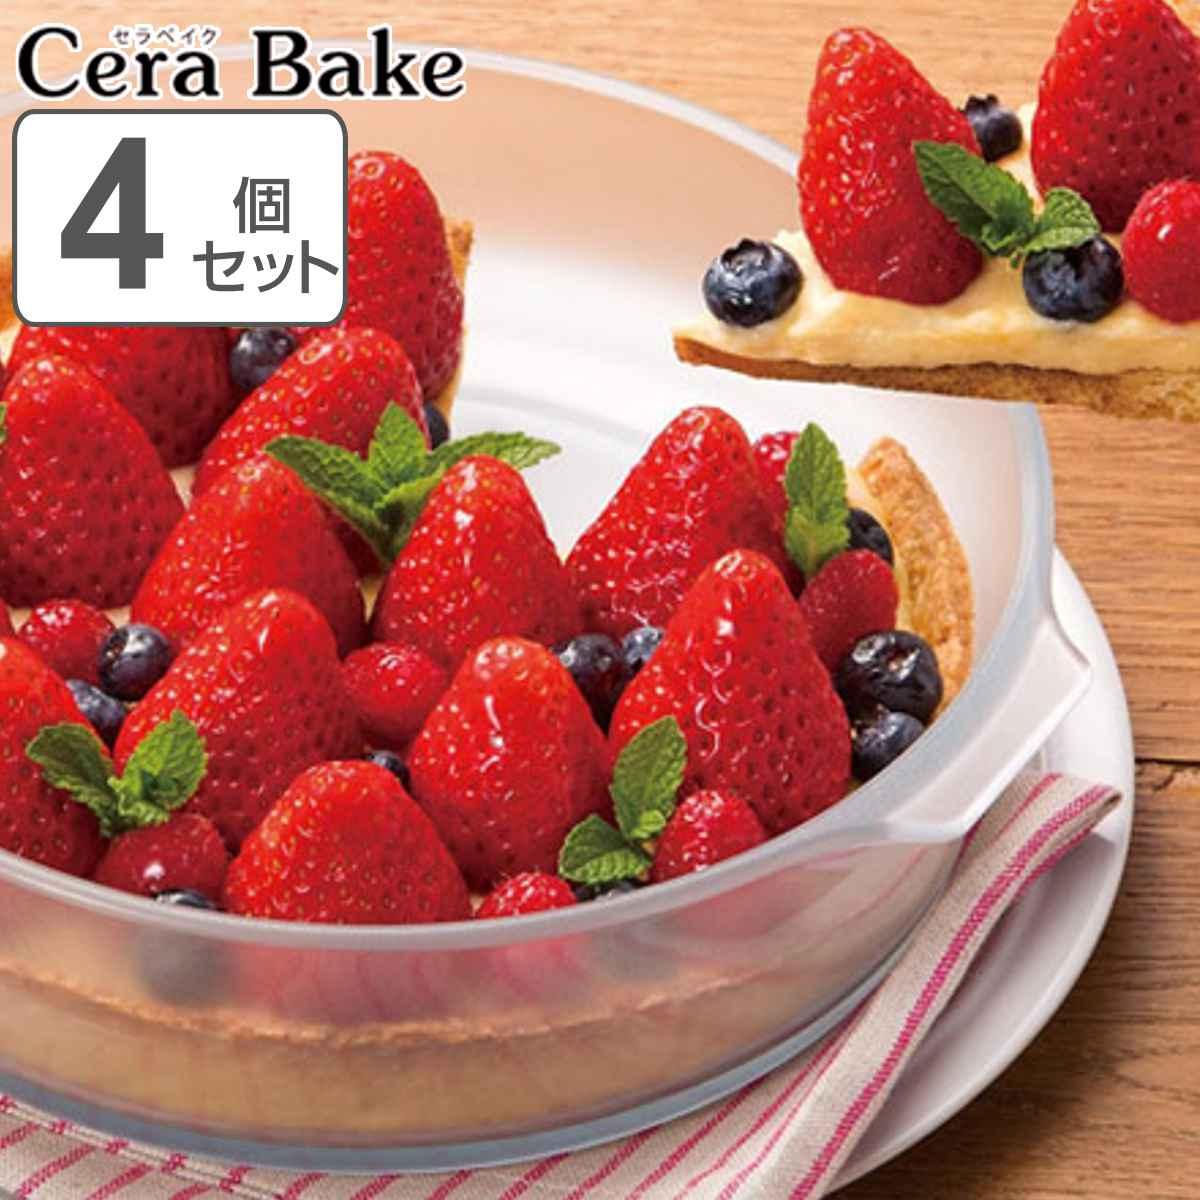 セラベイク 耐熱ガラス ラウンドディッシュ S 4個セット ( 送料無料 Cera Bake セラミック加工 オーブン ガラス容器 耐熱皿 耐熱容器 オーブン レンジ セラミックコーティング )